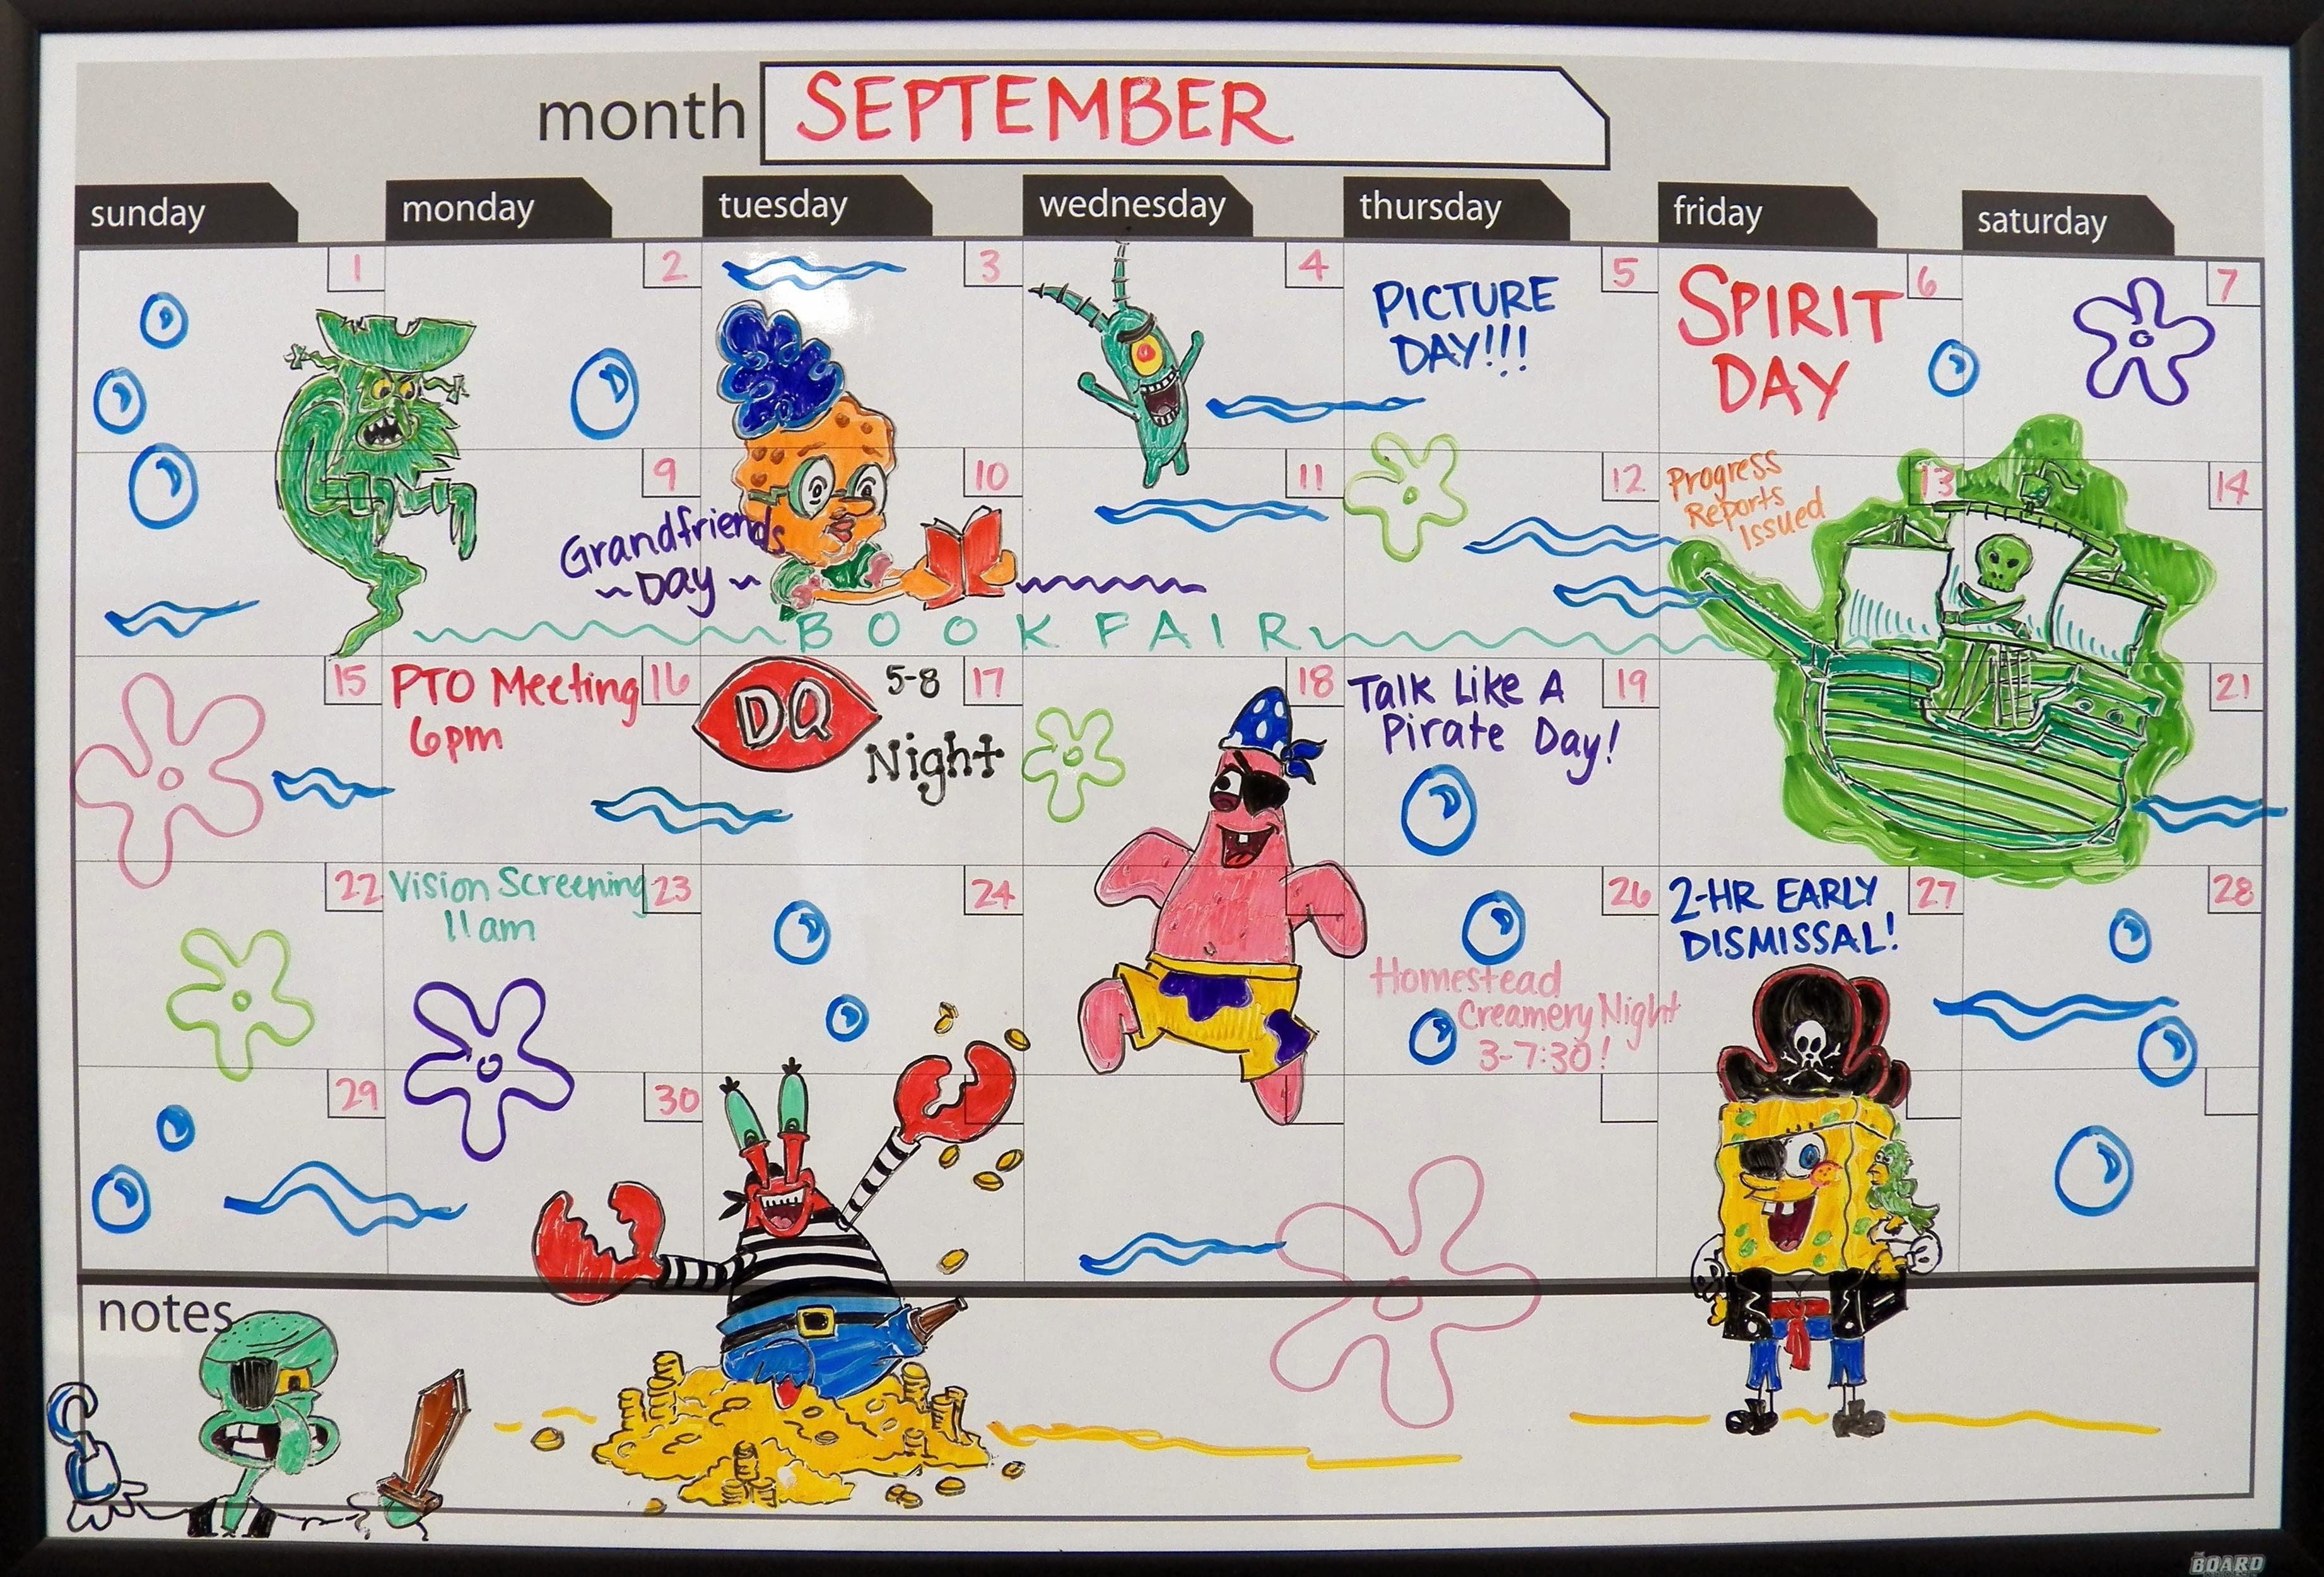 2013 - 9 September